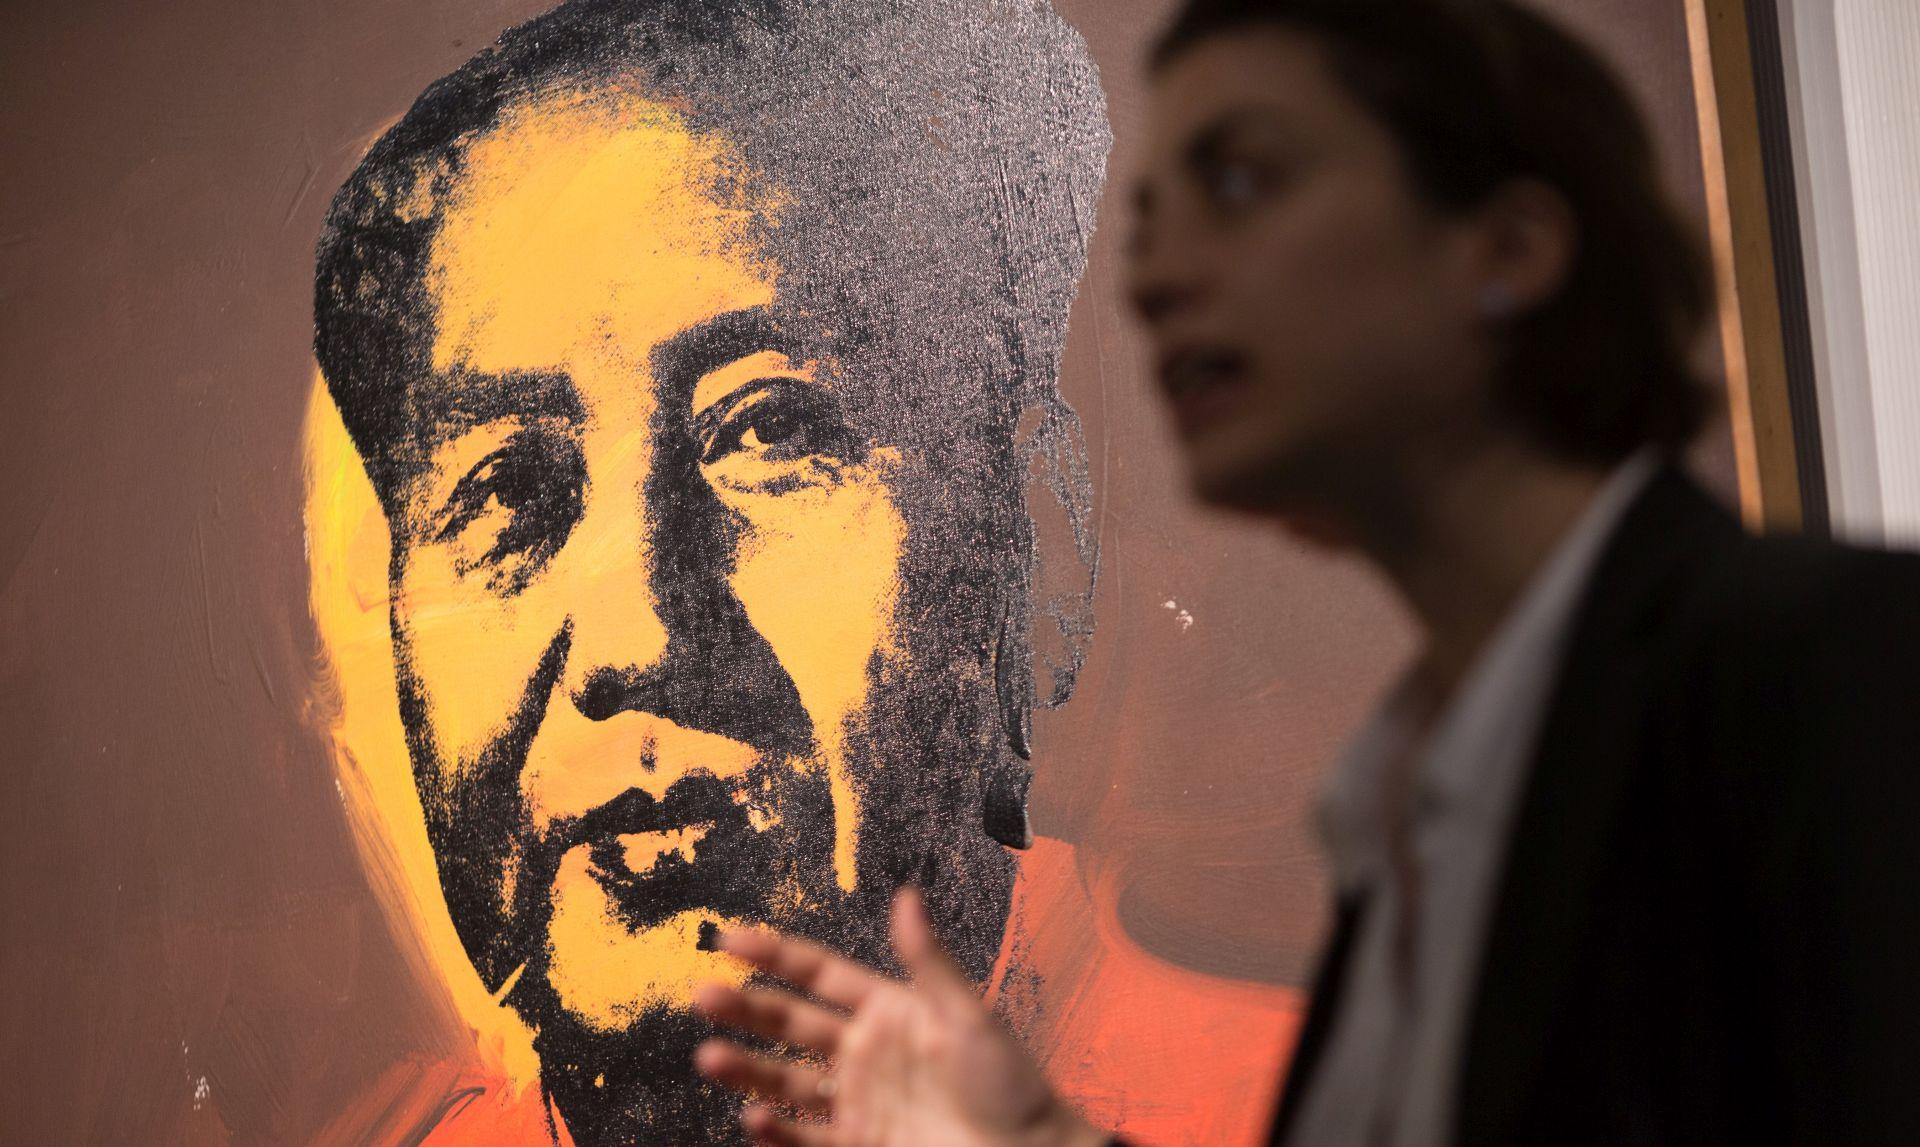 Warholov portret Maoa prodan za 12,6 milijuna dolara